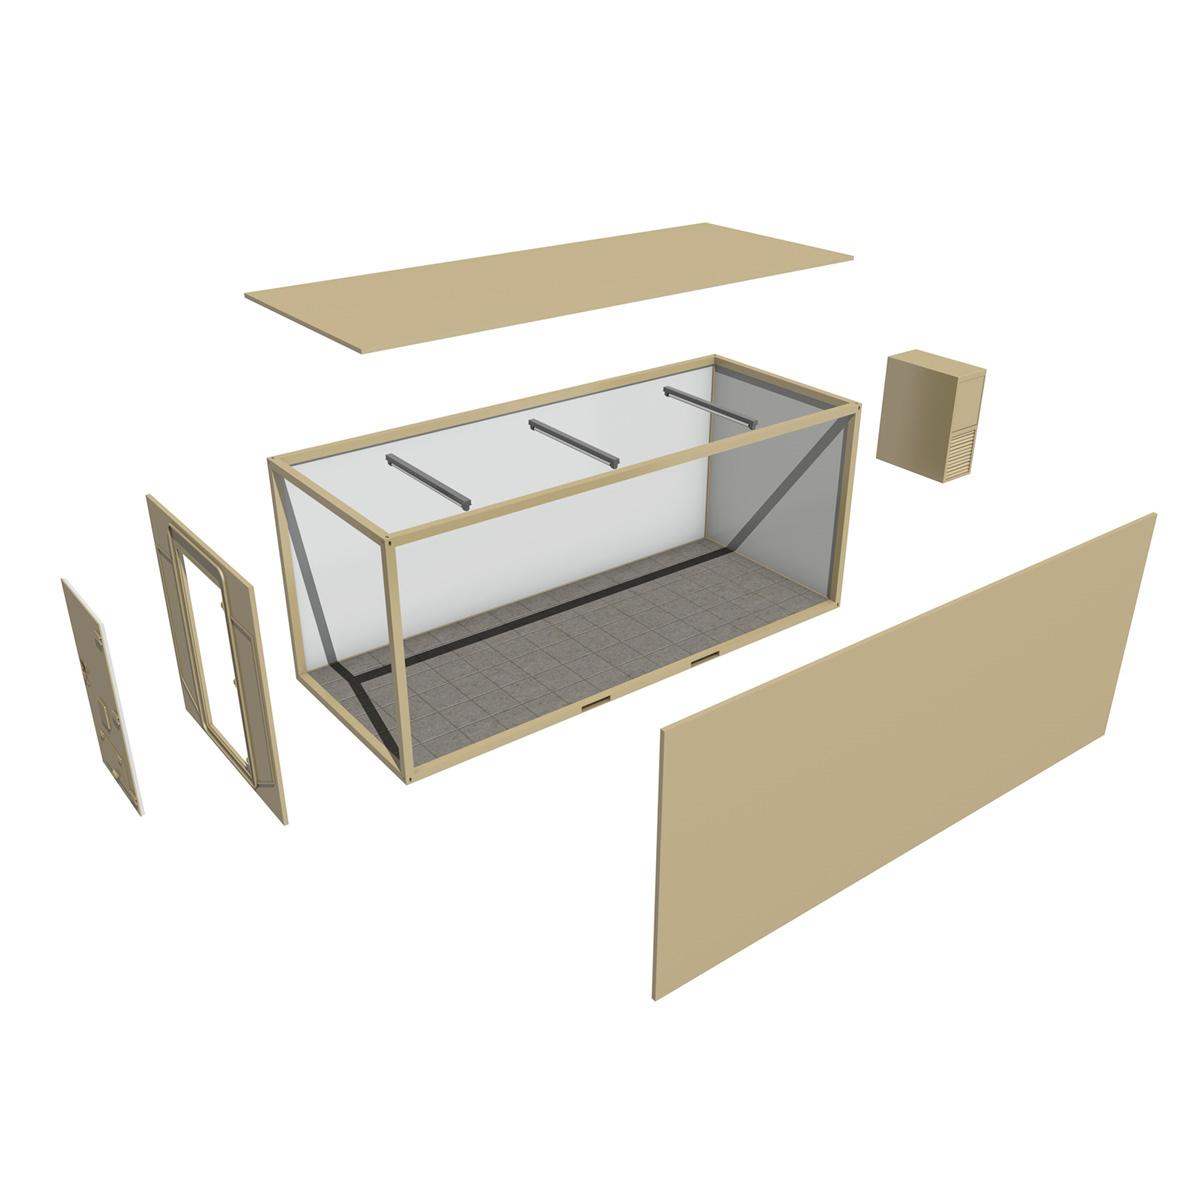 20ft office container version two 3d model 3ds fbx c4d lwo obj 252278